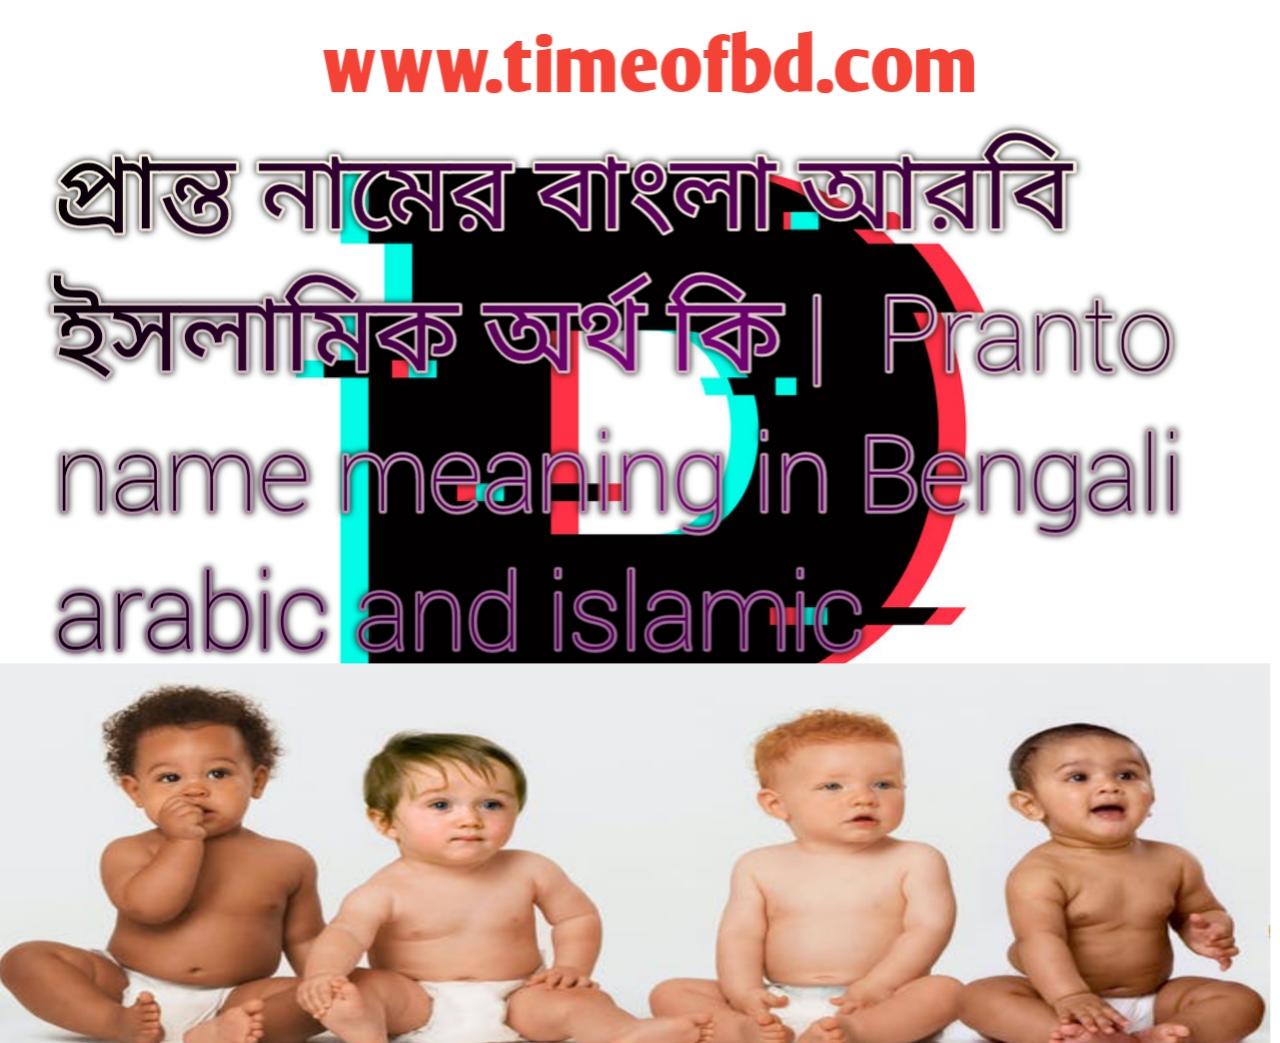 প্রান্ত নামের অর্থ কি,  প্রান্ত নামের বাংলা অর্থ কি,  প্রান্ত নামের ইসলামিক অর্থ কি,  Pranto name in Bengali,  প্রান্ত কি ইসলামিক নাম,